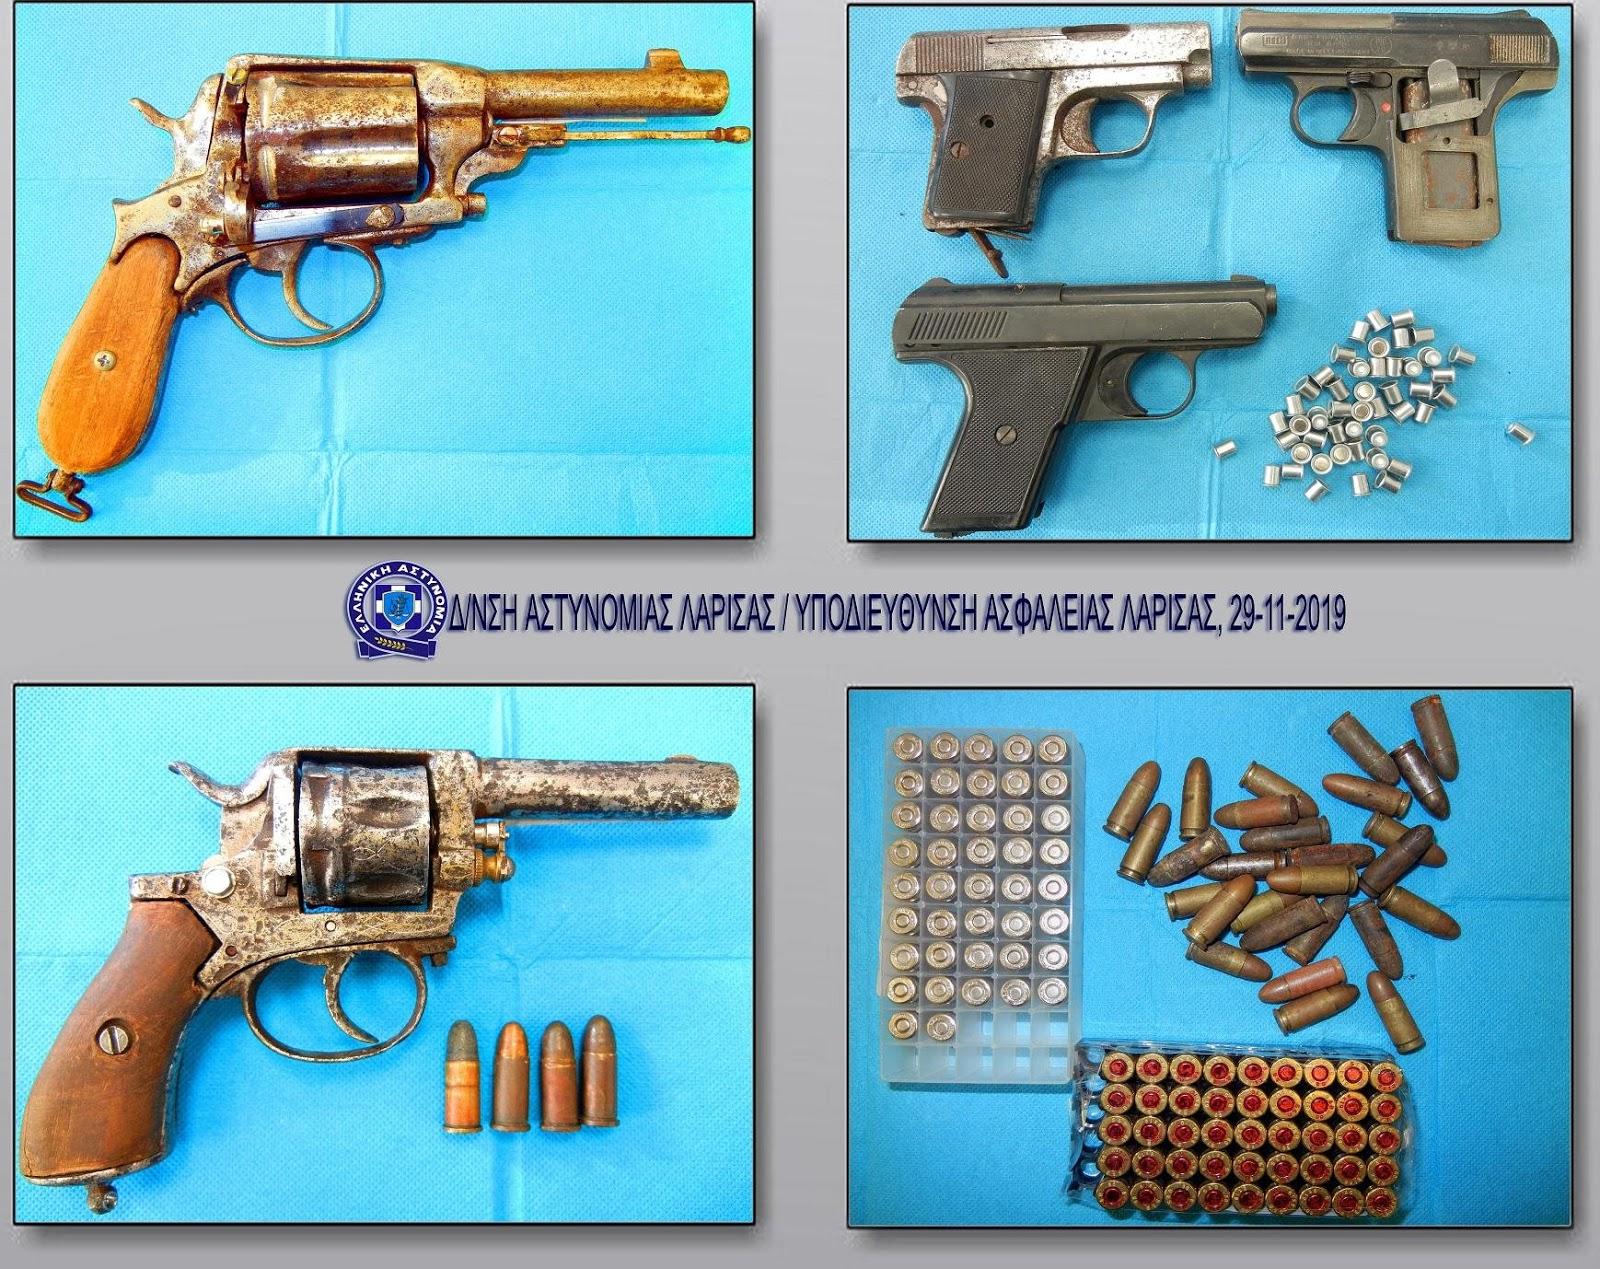 Συνελήφθη 36χρονος στη Λάρισα με μεγάλη ποσότητα αρχαίων και όπλων